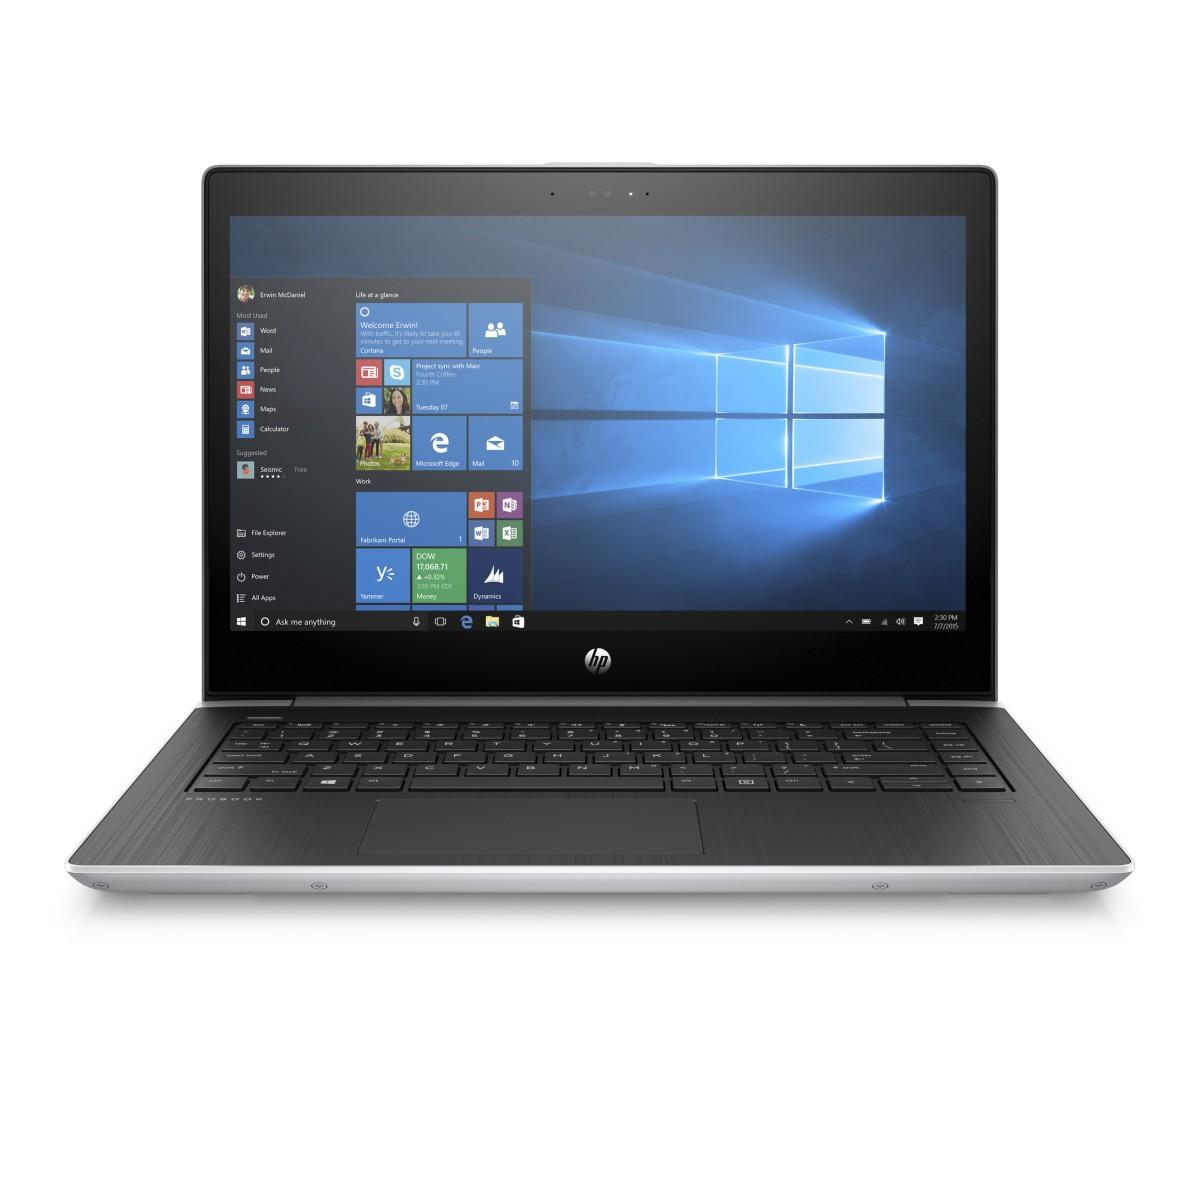 HP NB ProBook 470 G5 i7-8550U 17.3 FHD 16GB 256GB+slot GF930MX/2 BT FpR ac W10P